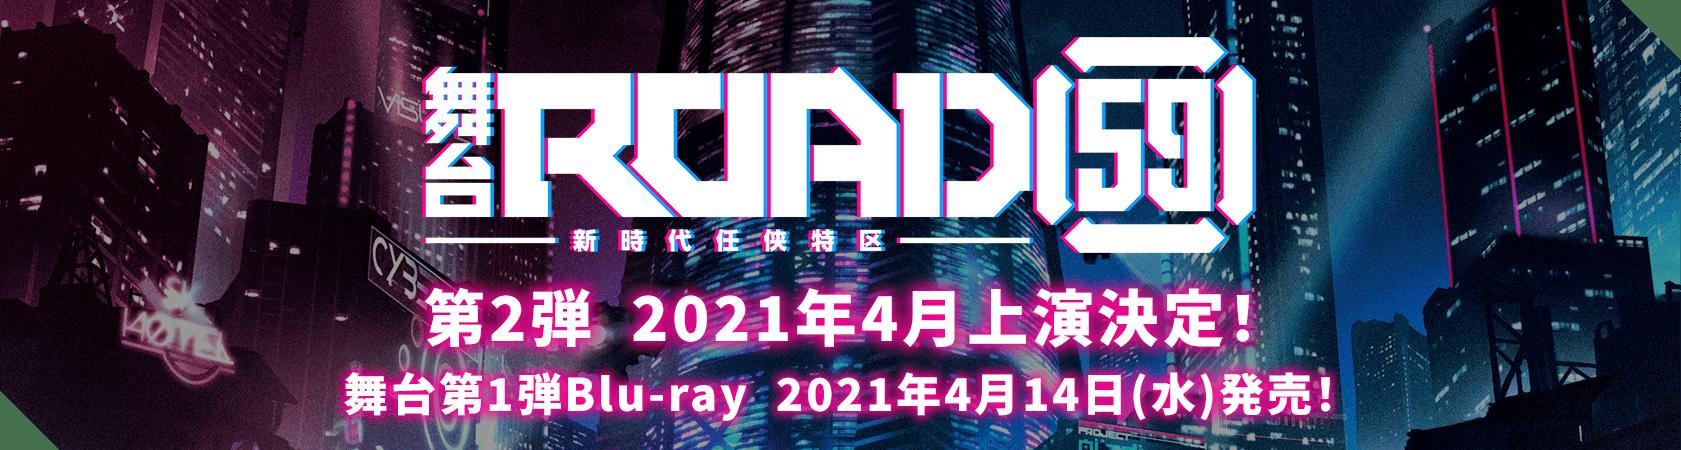 舞台「ROAD59 -新時代任侠特区-」第2弾 2021年4月上演決定! 舞台第1弾Blu-ray 2021年4月14日(水)発売!